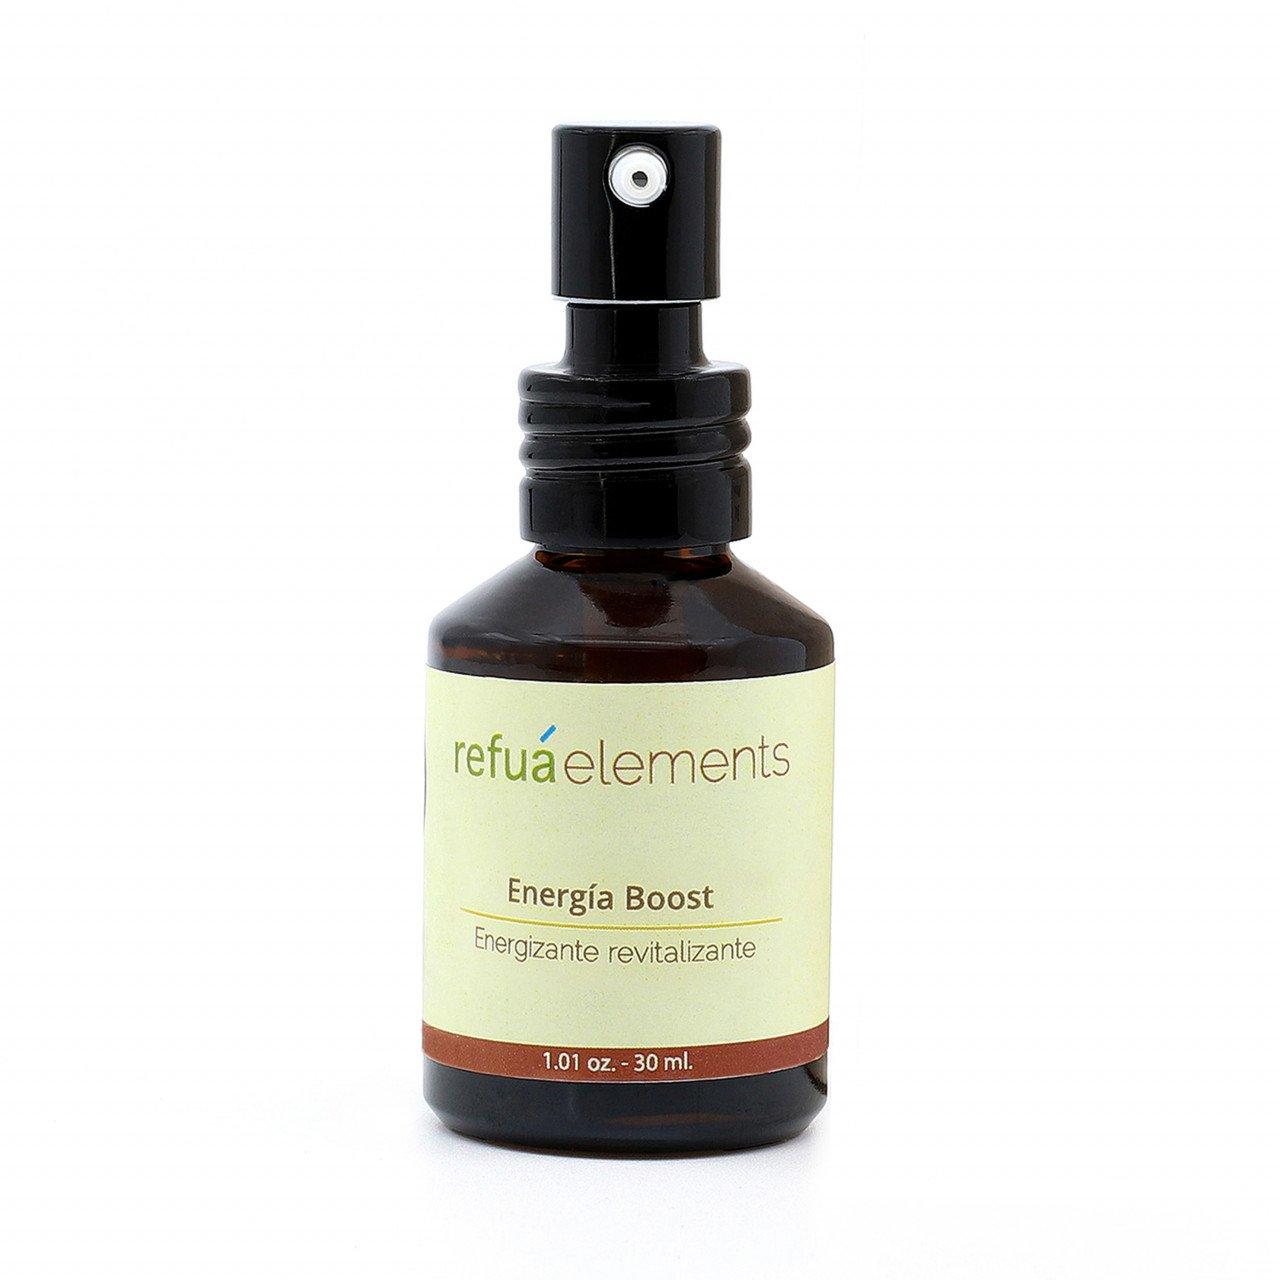 Energía Boost Mezcla De Aceites Esenciales Aromaterapia&w=900&h=900&fit=crop